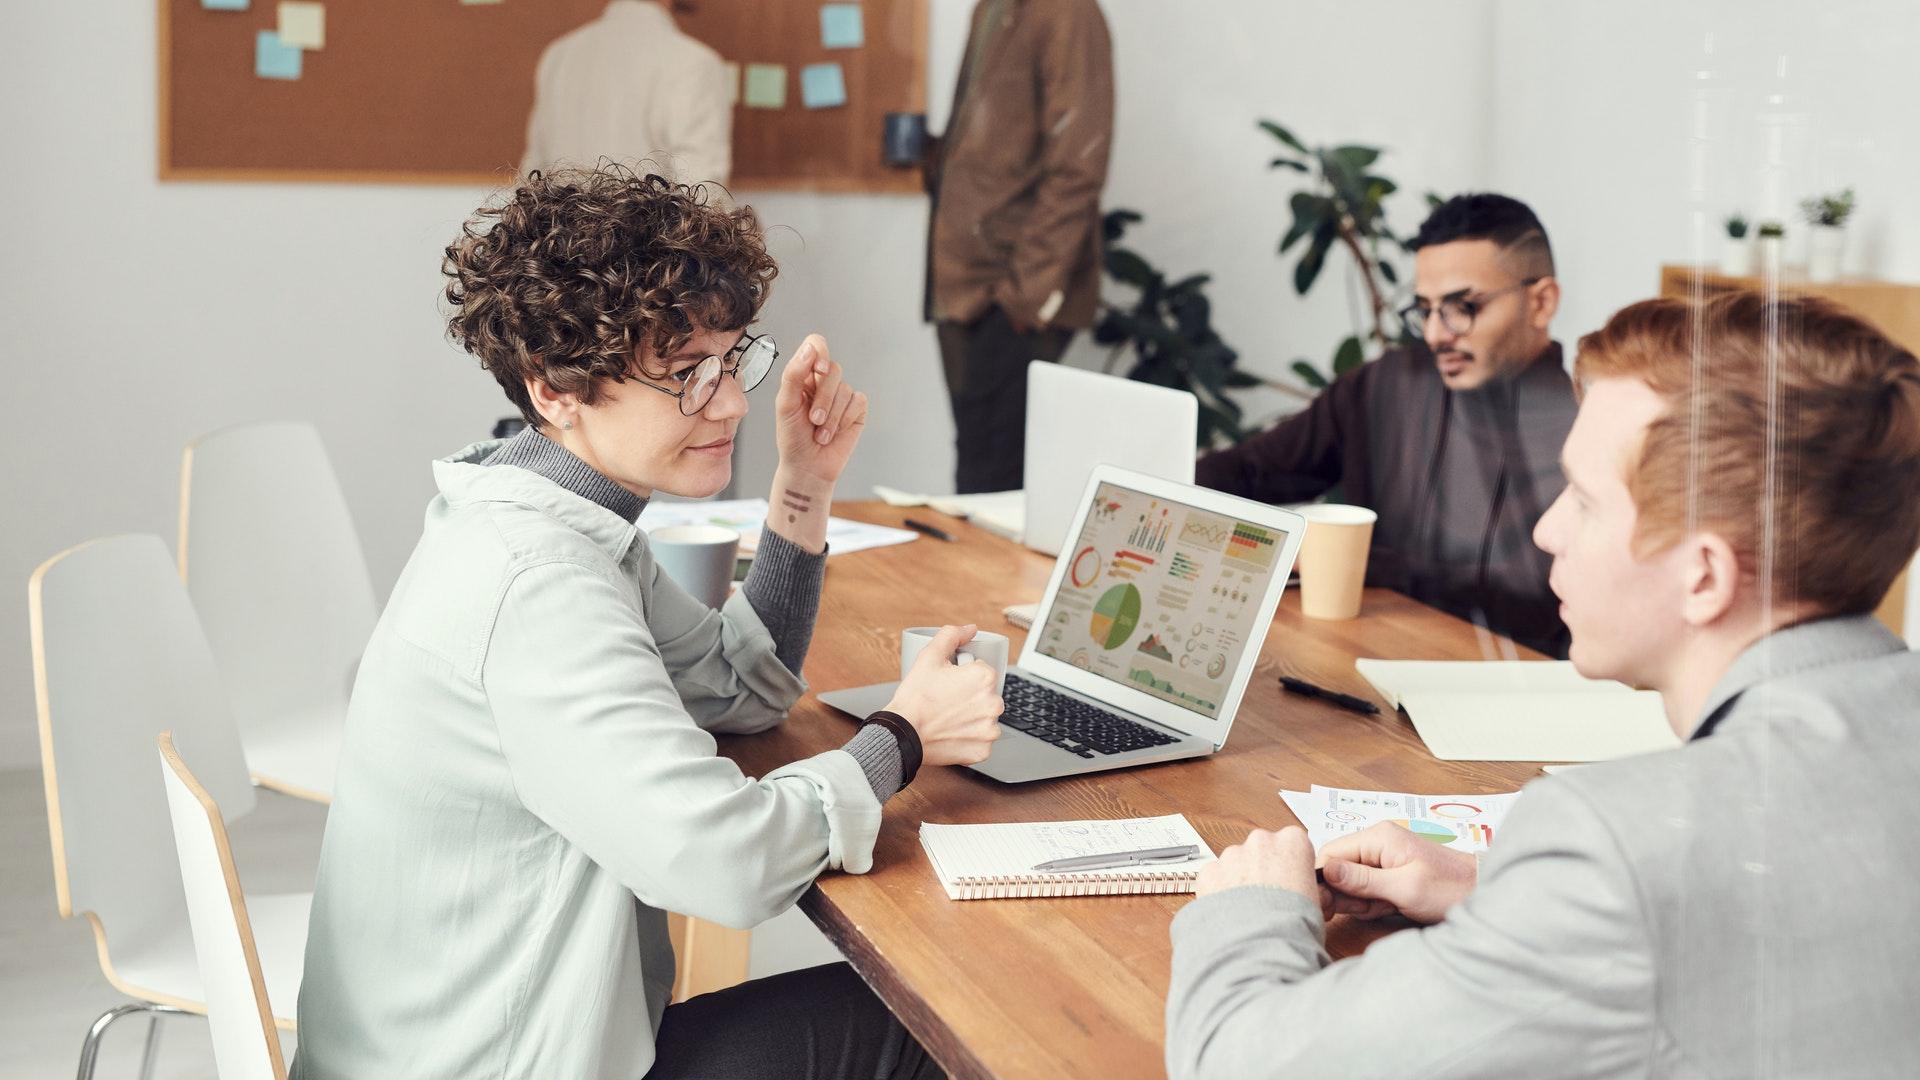 Imagem de uma mesa cheia de pessoas em um escritório. Imagem ilustrativa texto tendências de negócios.